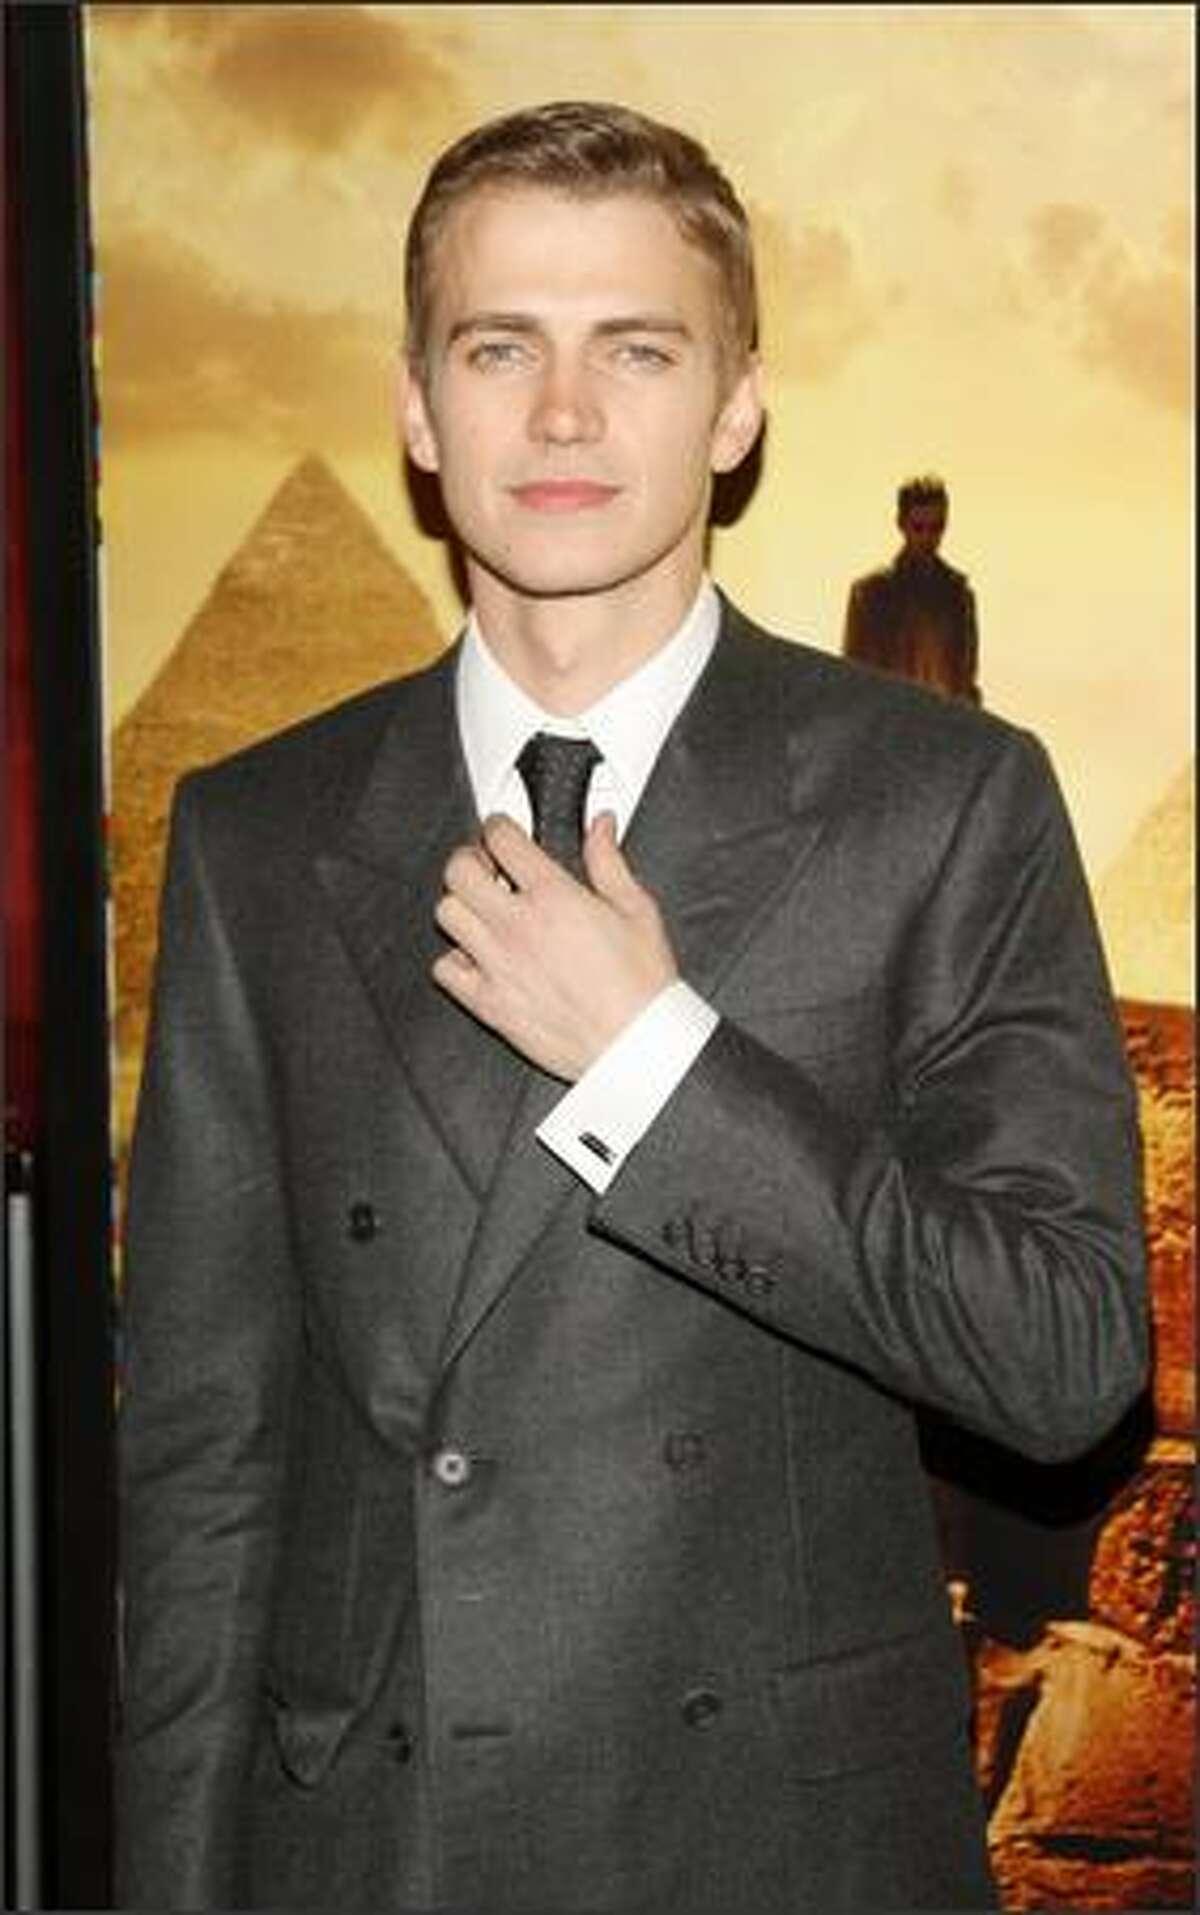 Actor Hayden Christensen attends the premiere of